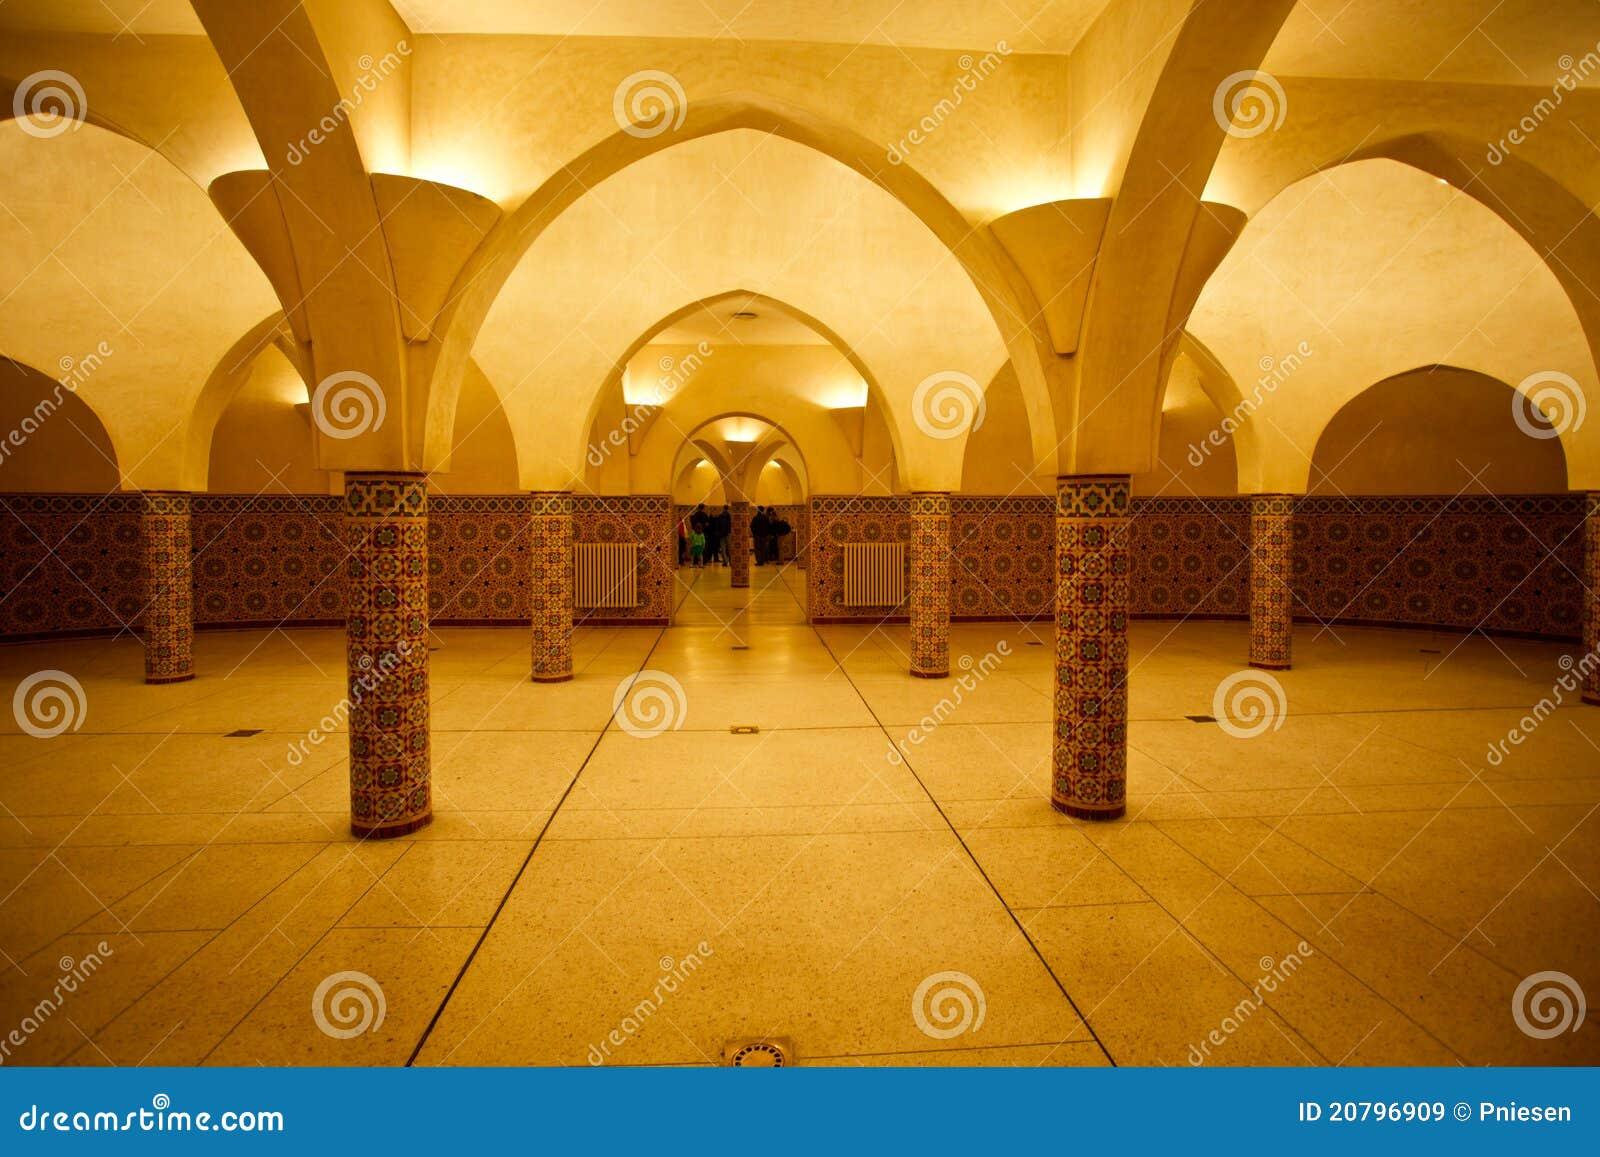 Il centro benessere hammam di palermo è il miglior bagno turco